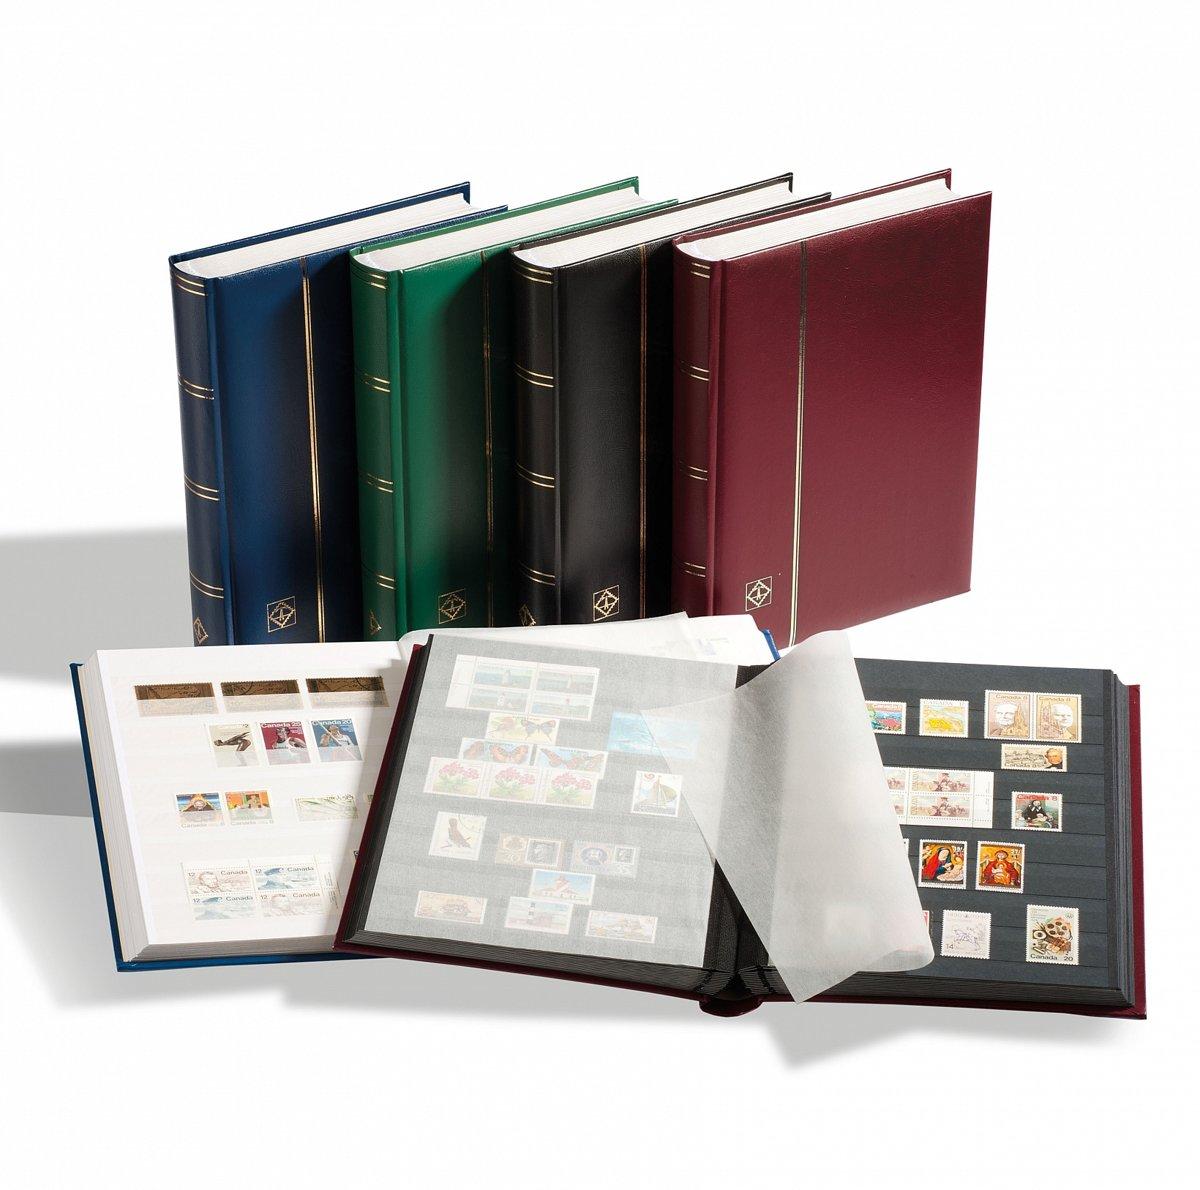 Wonderbaar bol.com | Luxe insteekalbum postzegels Comfort W32 bordeauxrood JP-54